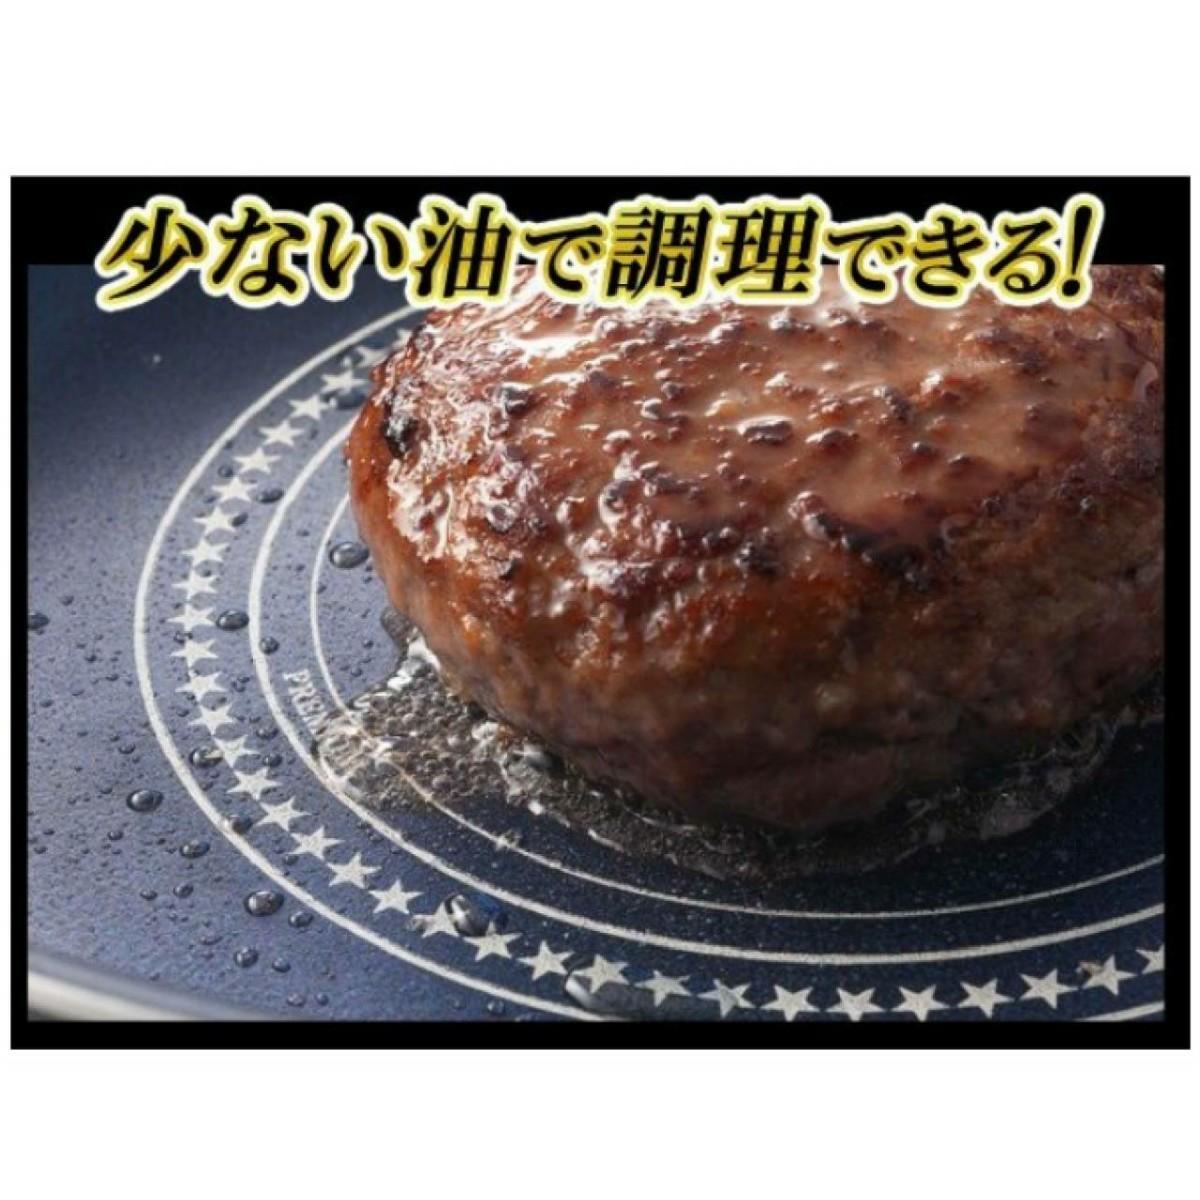 【IH/ガスコンロ対応】プレミアムダイヤモンドコーティング【卵焼き用フライパン】